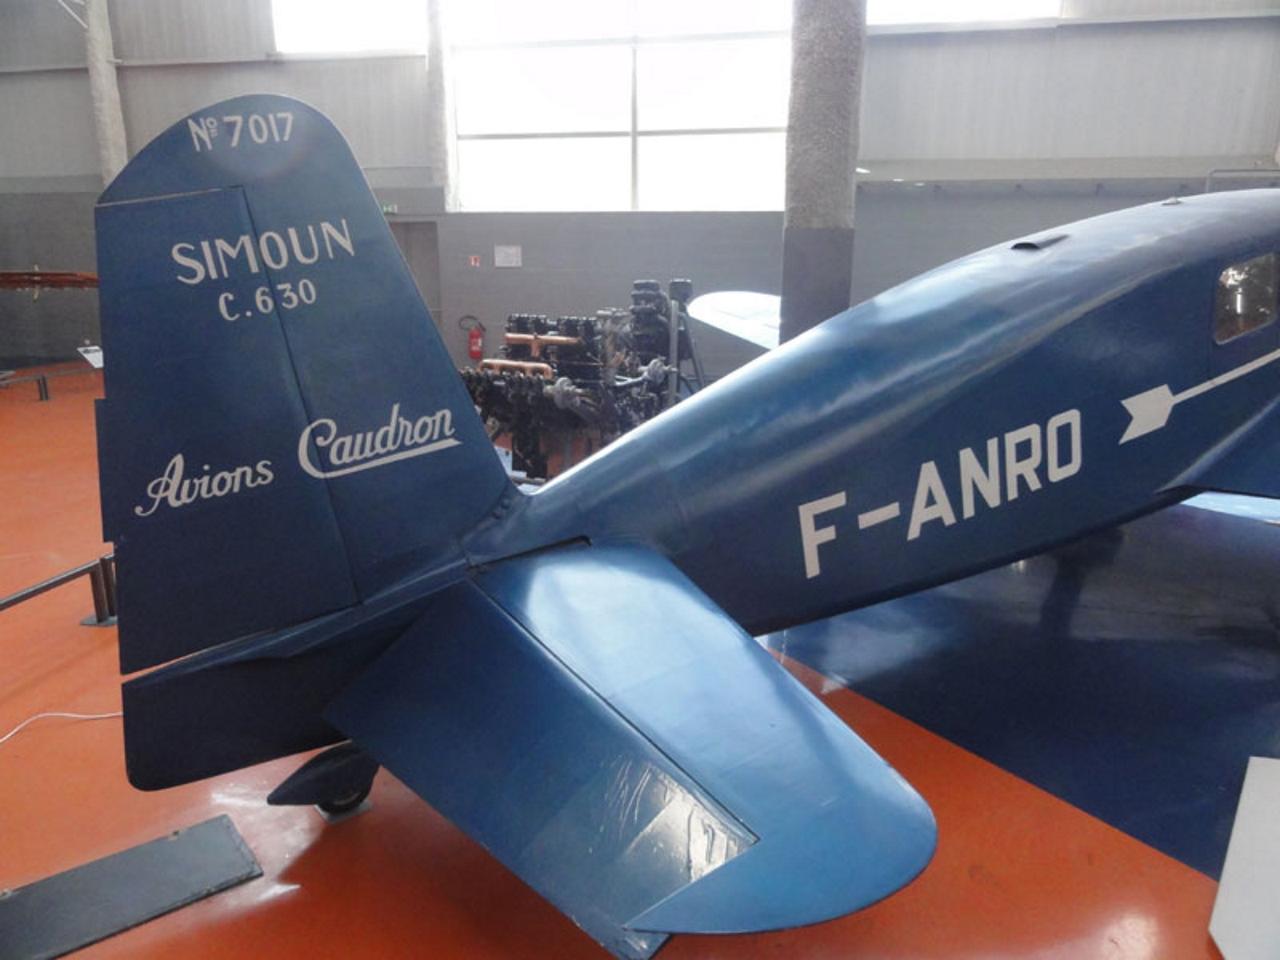 Caudron C. 630 Simoun